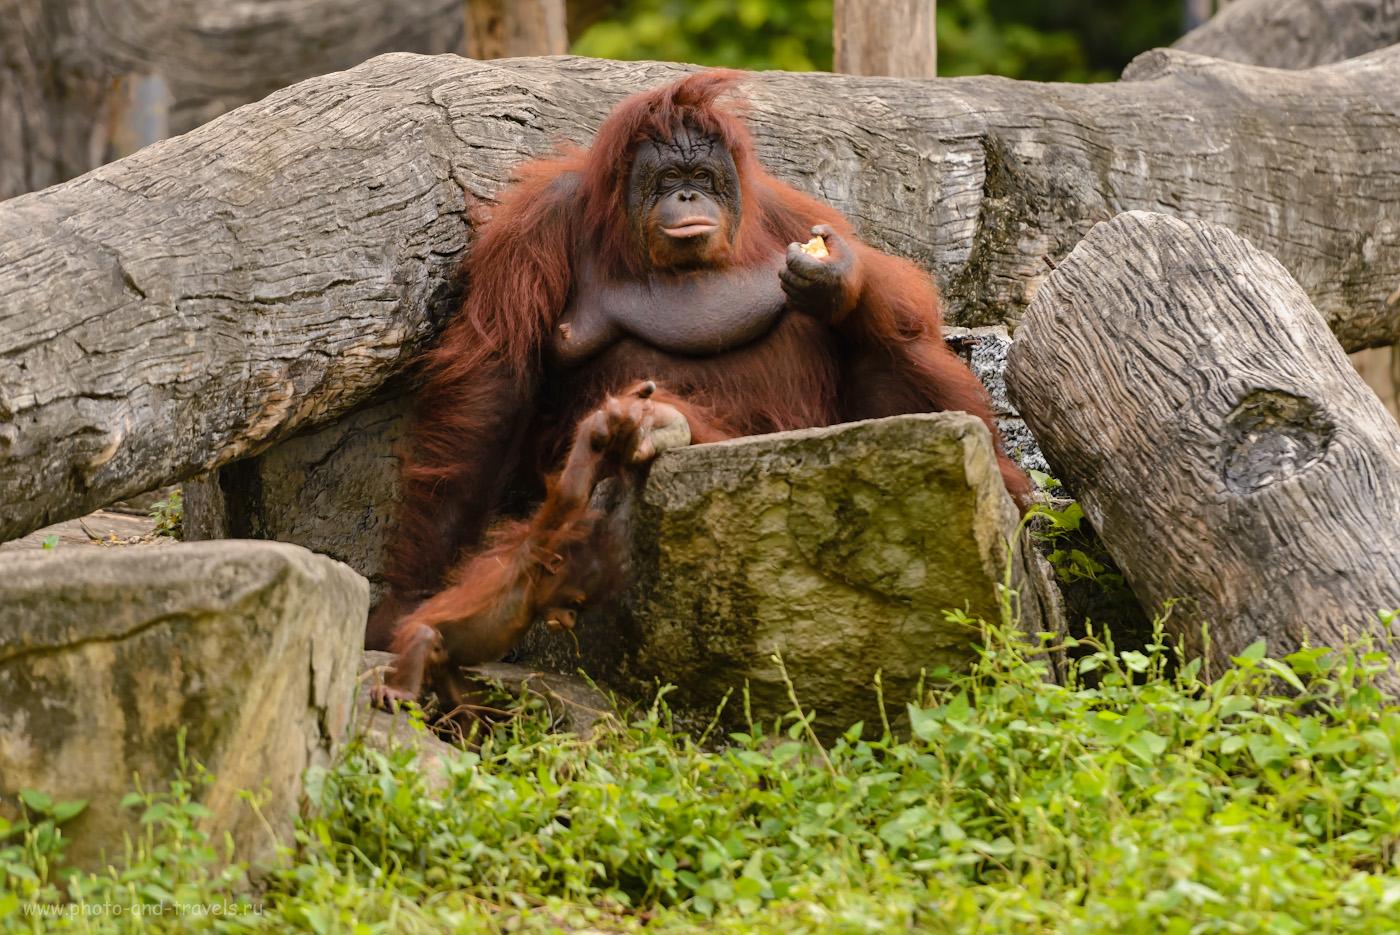 Фотография 28. Самка орангутанга и детеныш в вольере зоопарка «Кхао Кхео». Интересные экскурсии для туристов с ребенком, куда можно съездить на отдыхе в Паттайе. 1/500, 2.8, 450, 200.